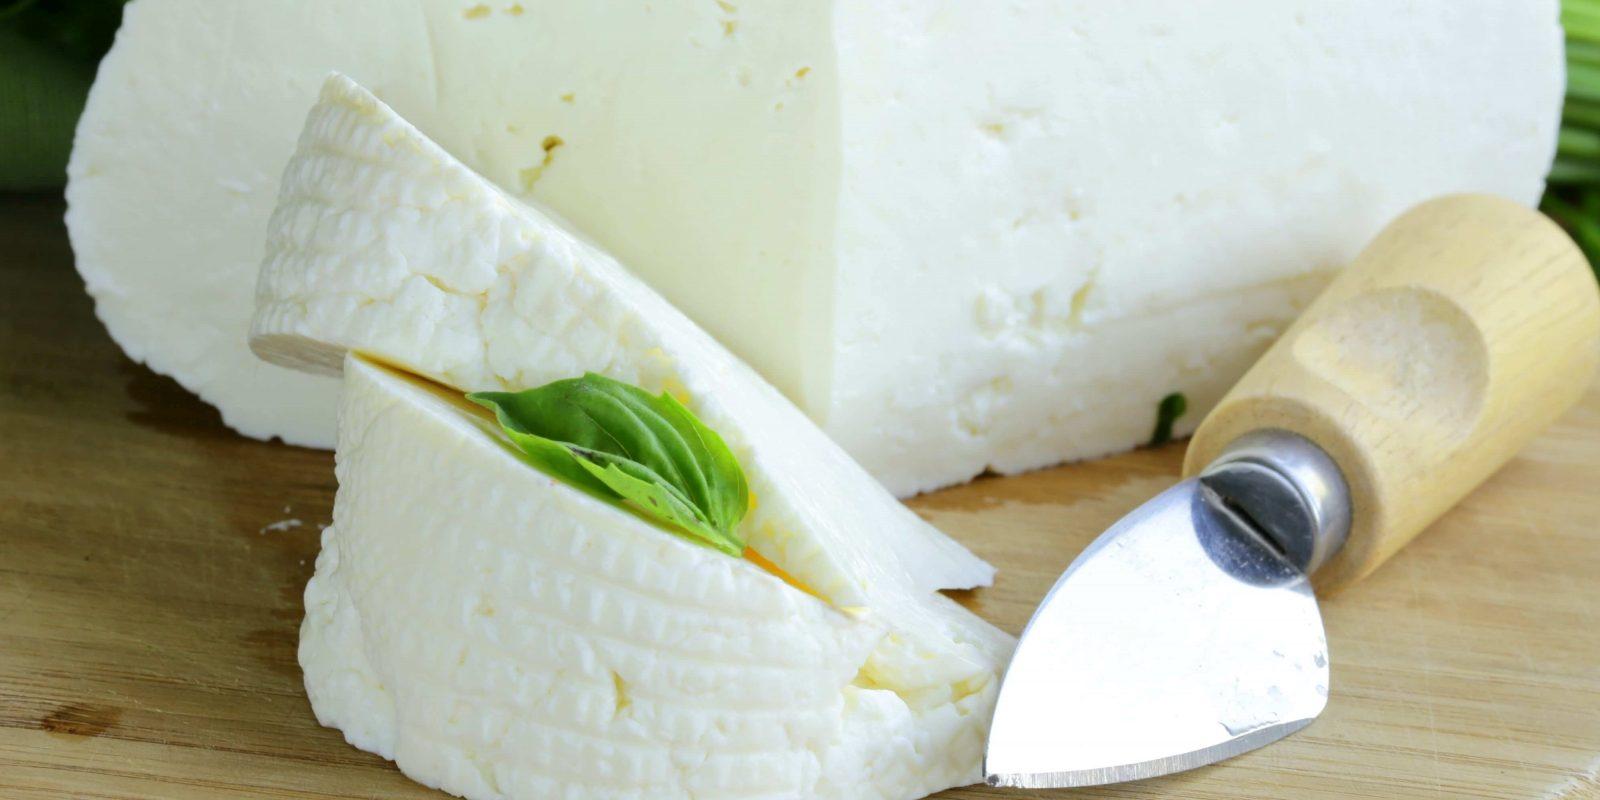 Брынза в домашних условиях рецепт из молока козьего